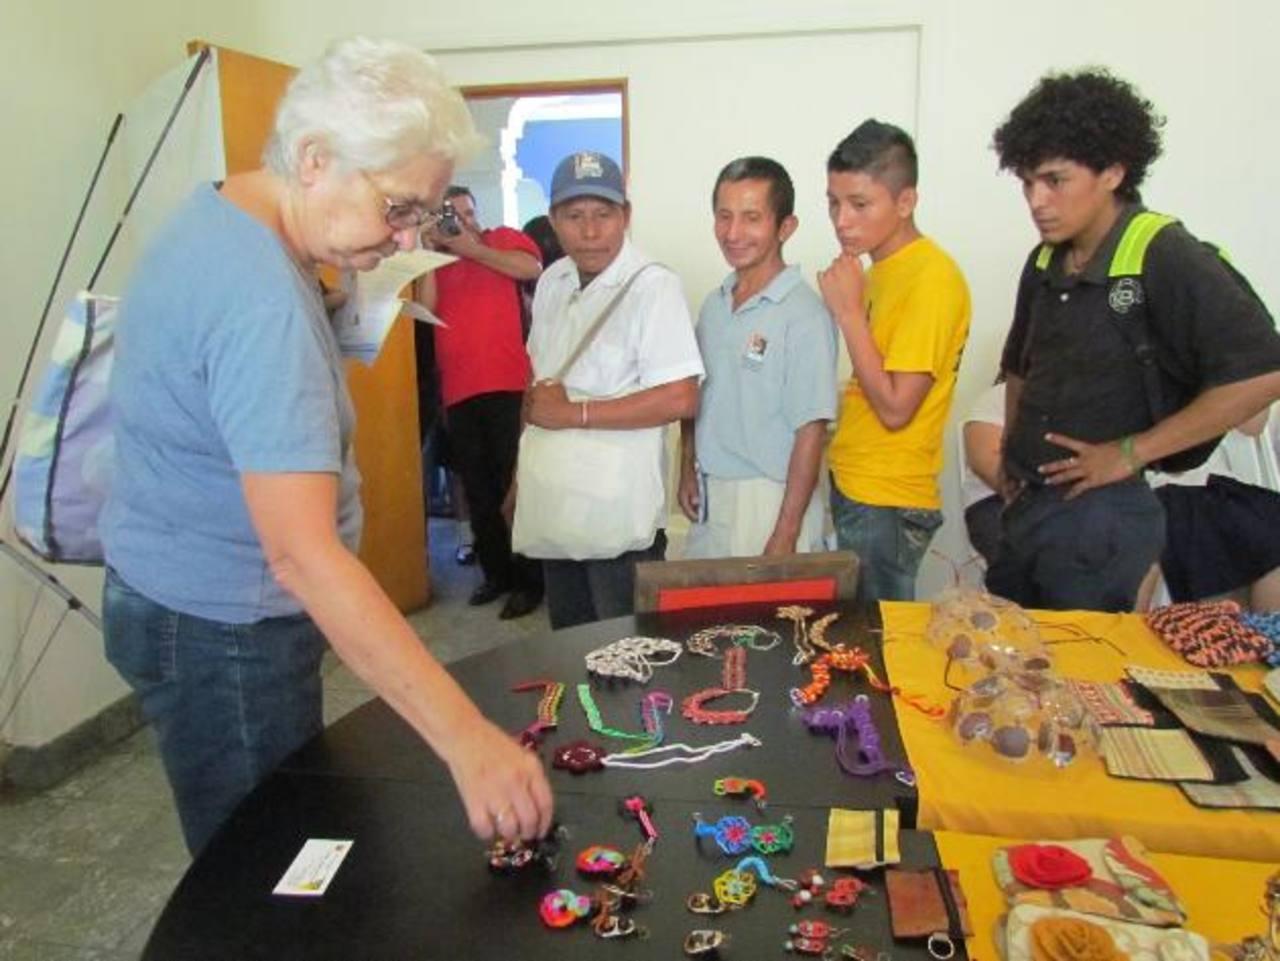 Personas particulares aplaudieron la iniciativa y la creatividad. Foto EDH / Mauricio Guevara